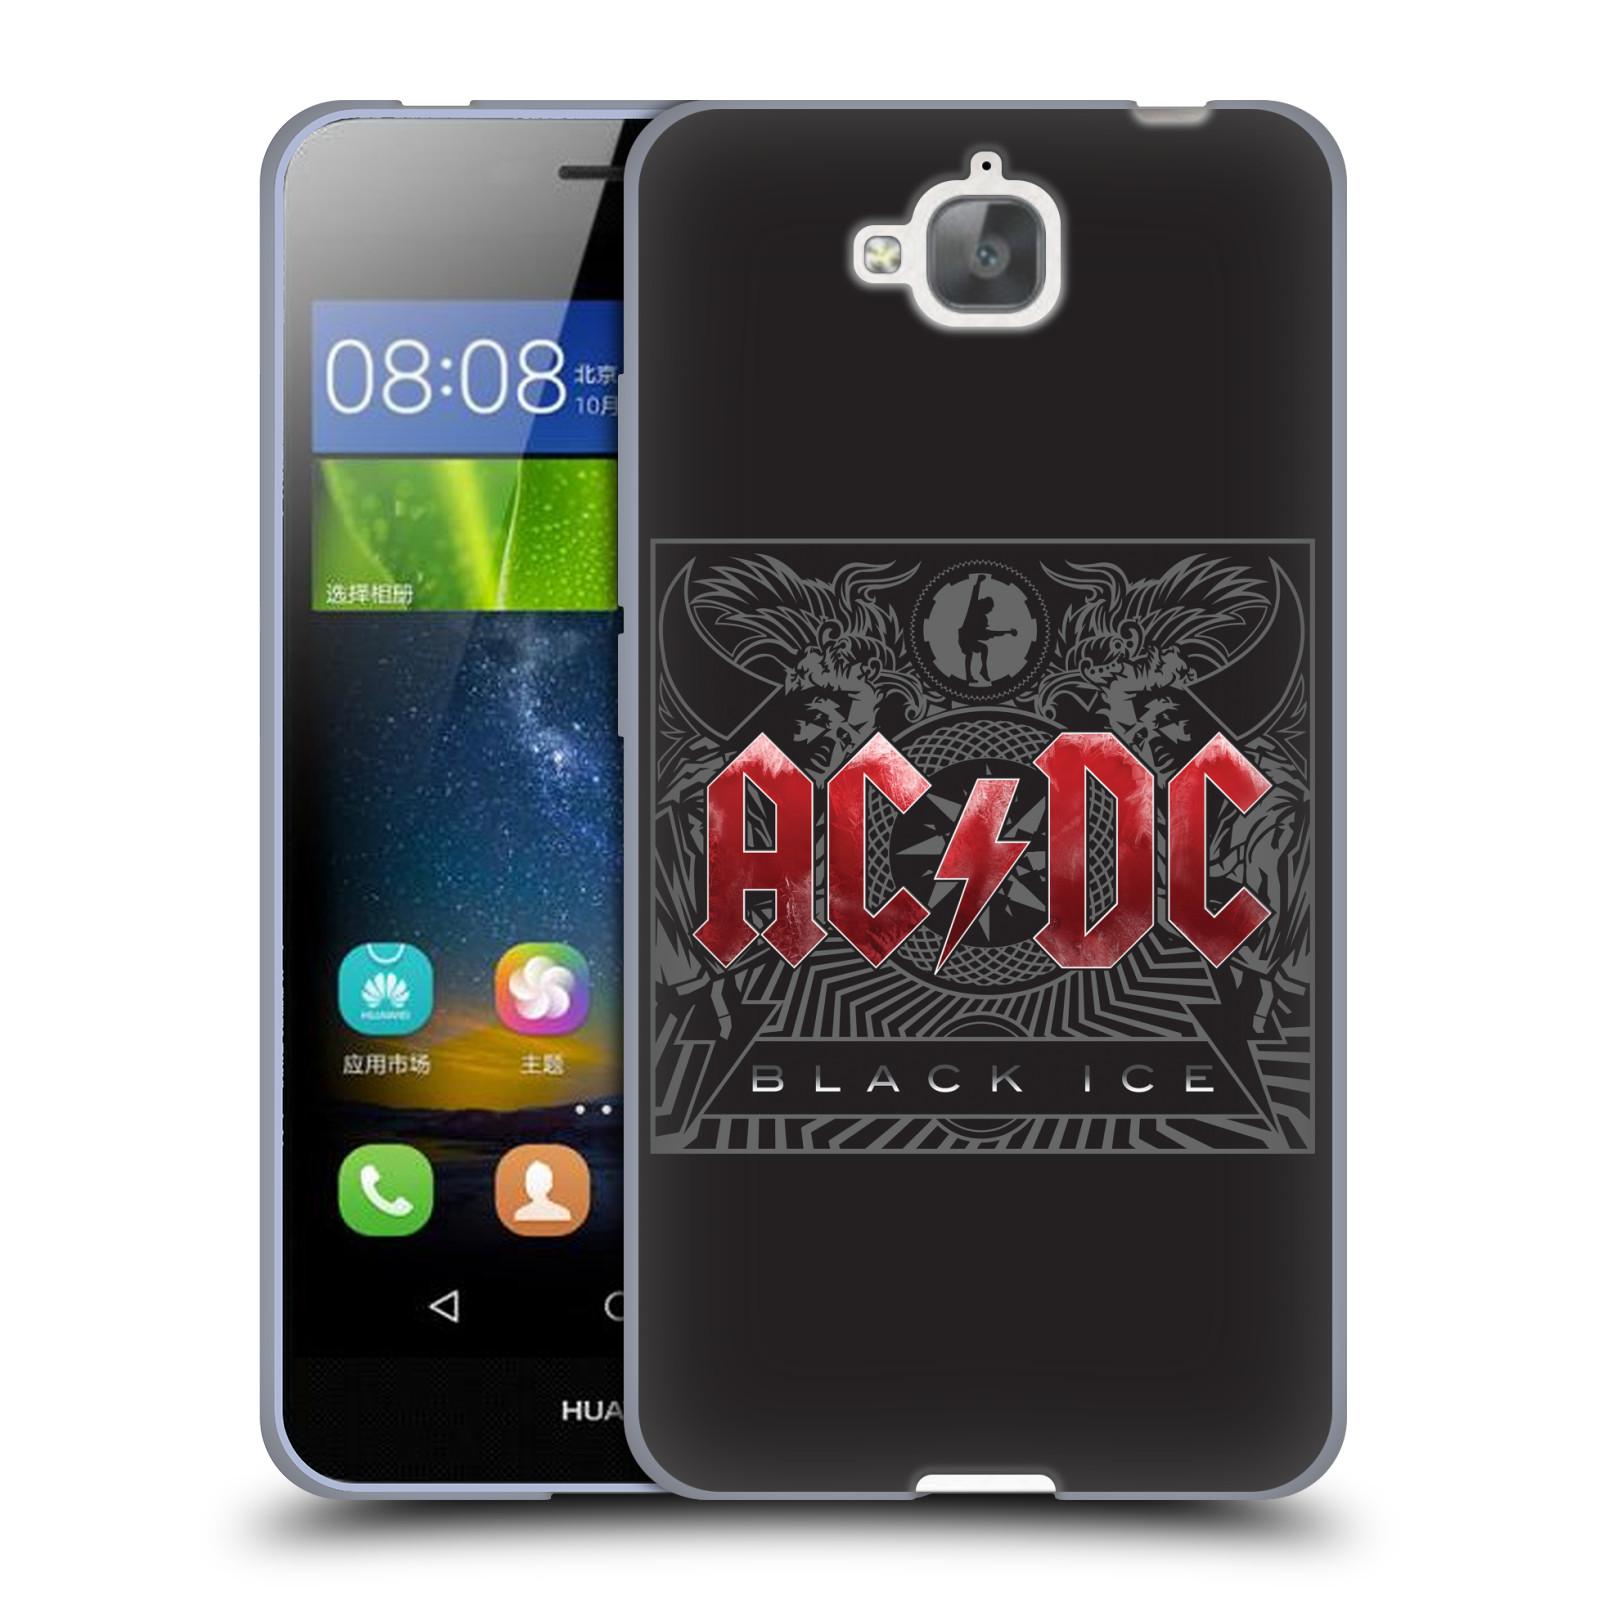 Silikonové pouzdro na mobil Huawei Y6 Pro Dual Sim HEAD CASE AC/DC Black Ice